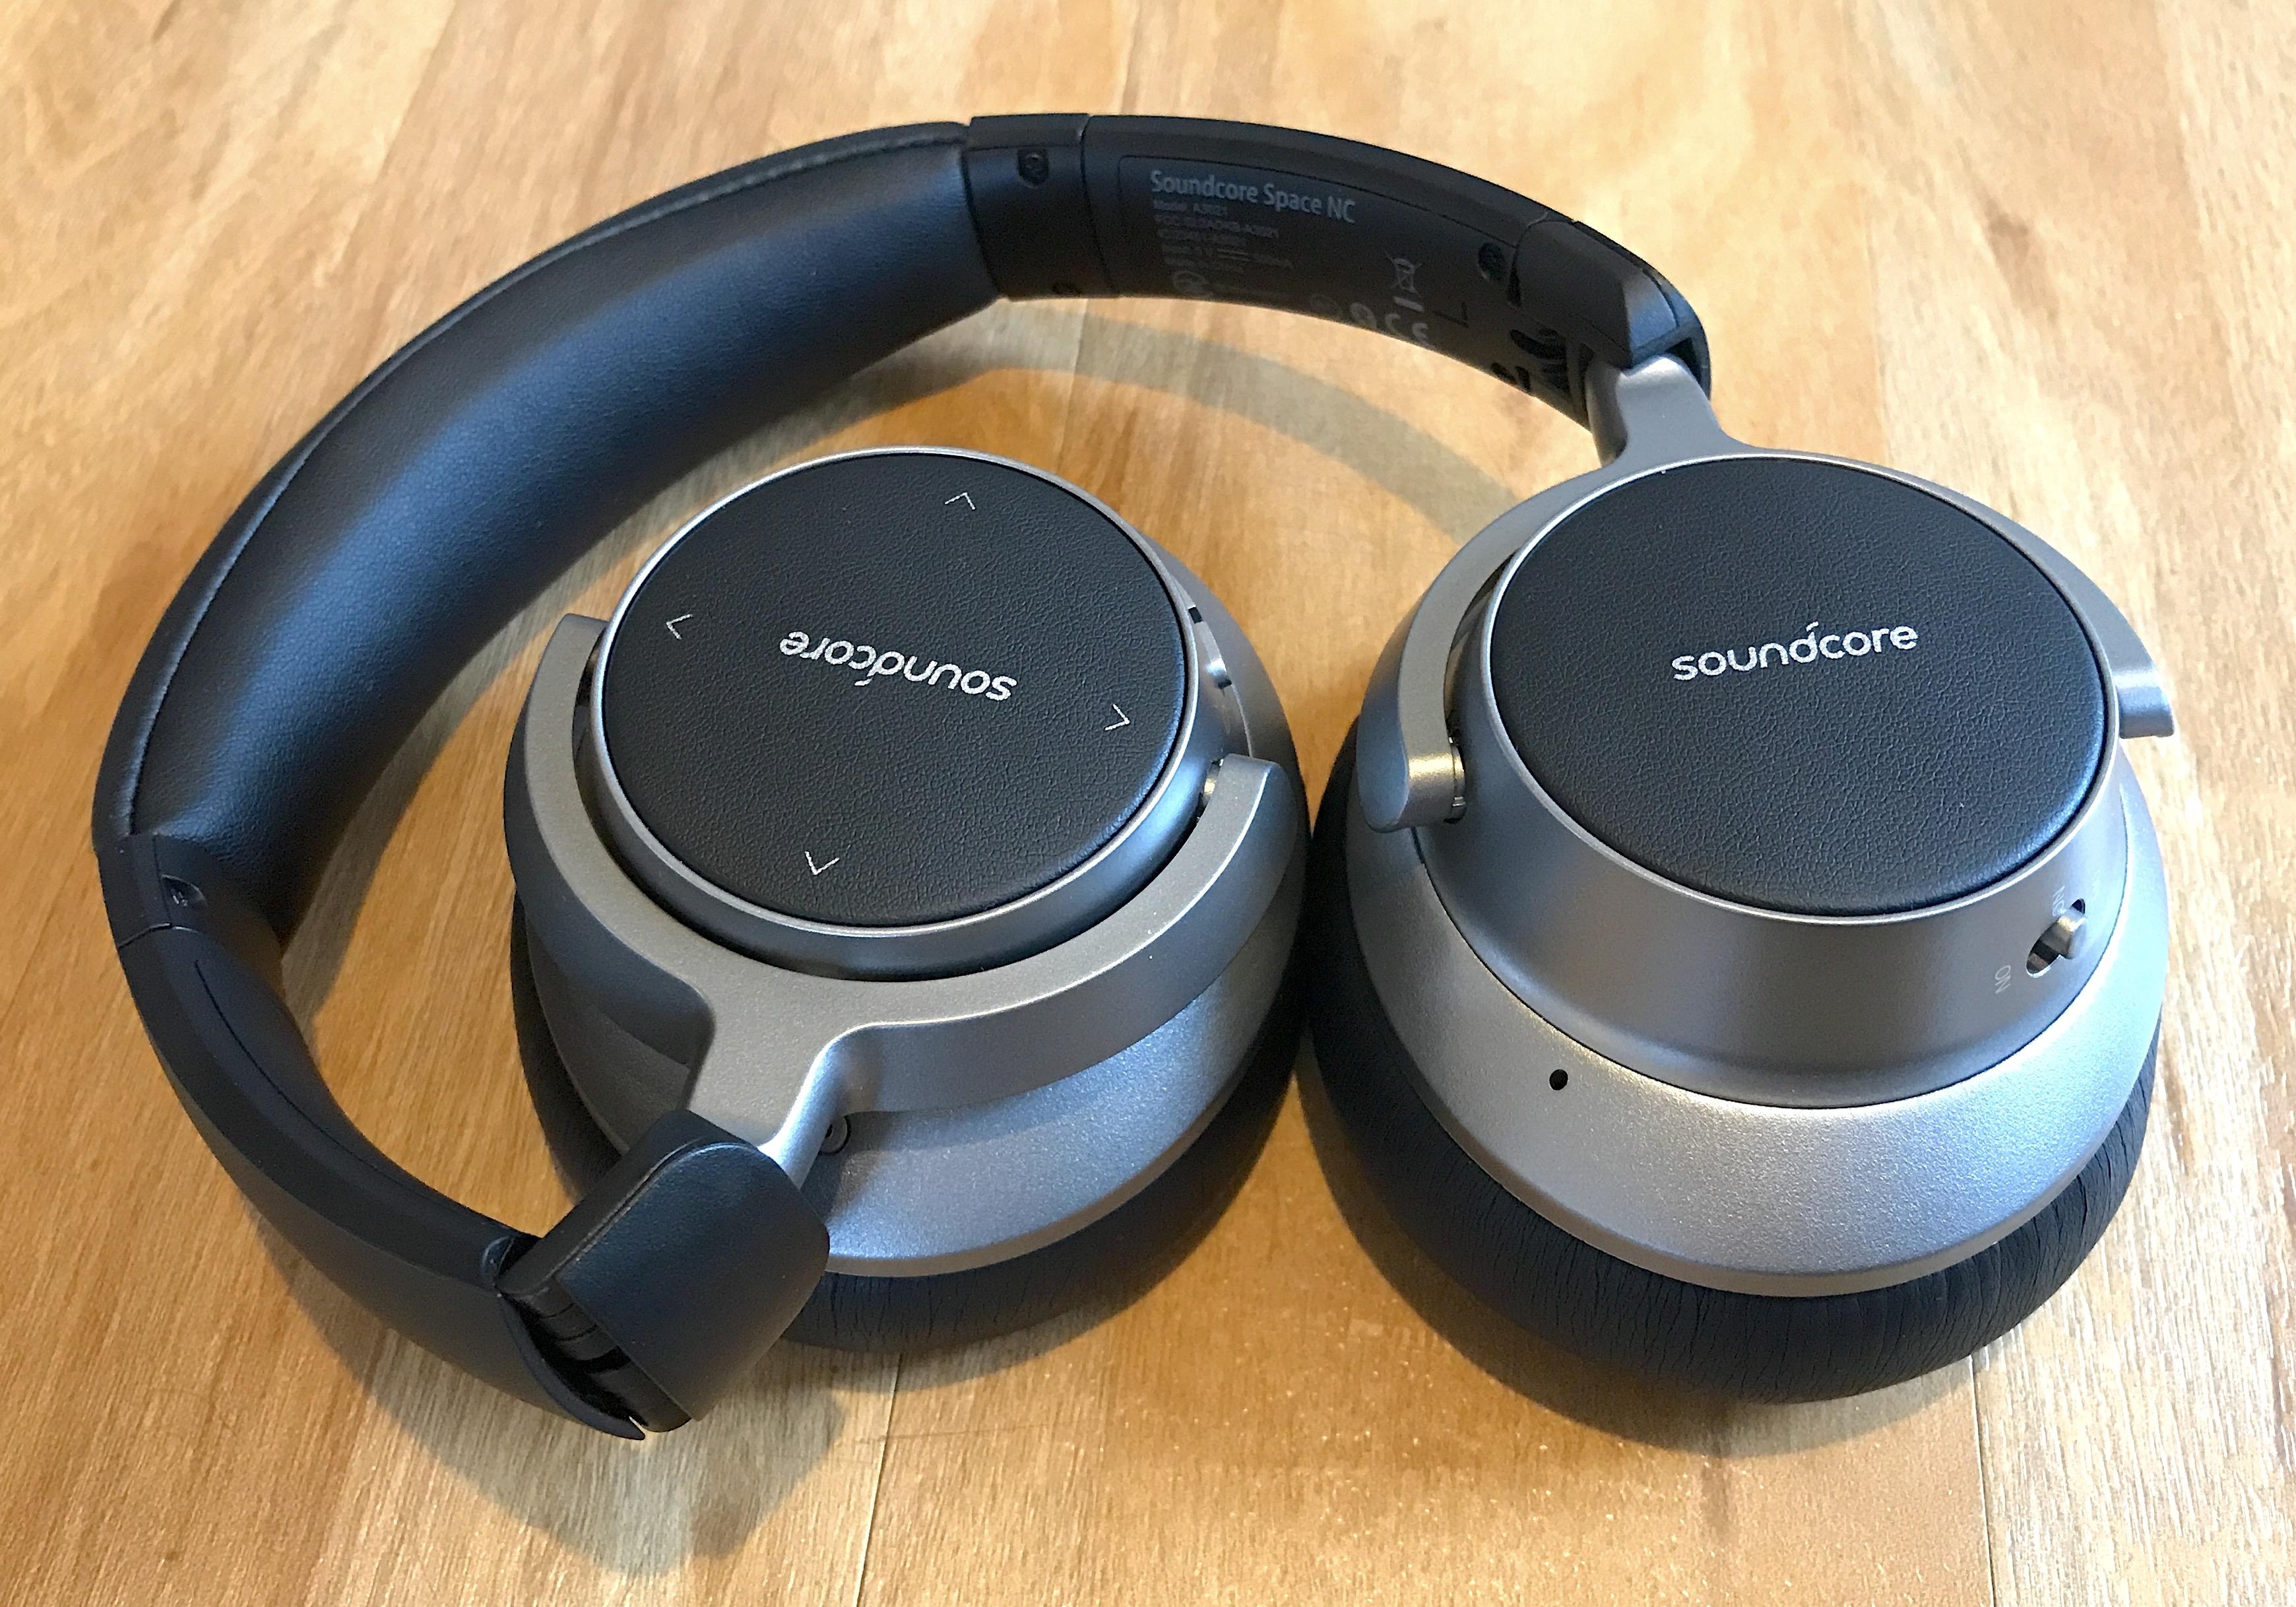 En promo flash - Test du casque Bluetooth Anker Soundcore NC : réduction de bruit, commandes tactiles et bien plus encore 1